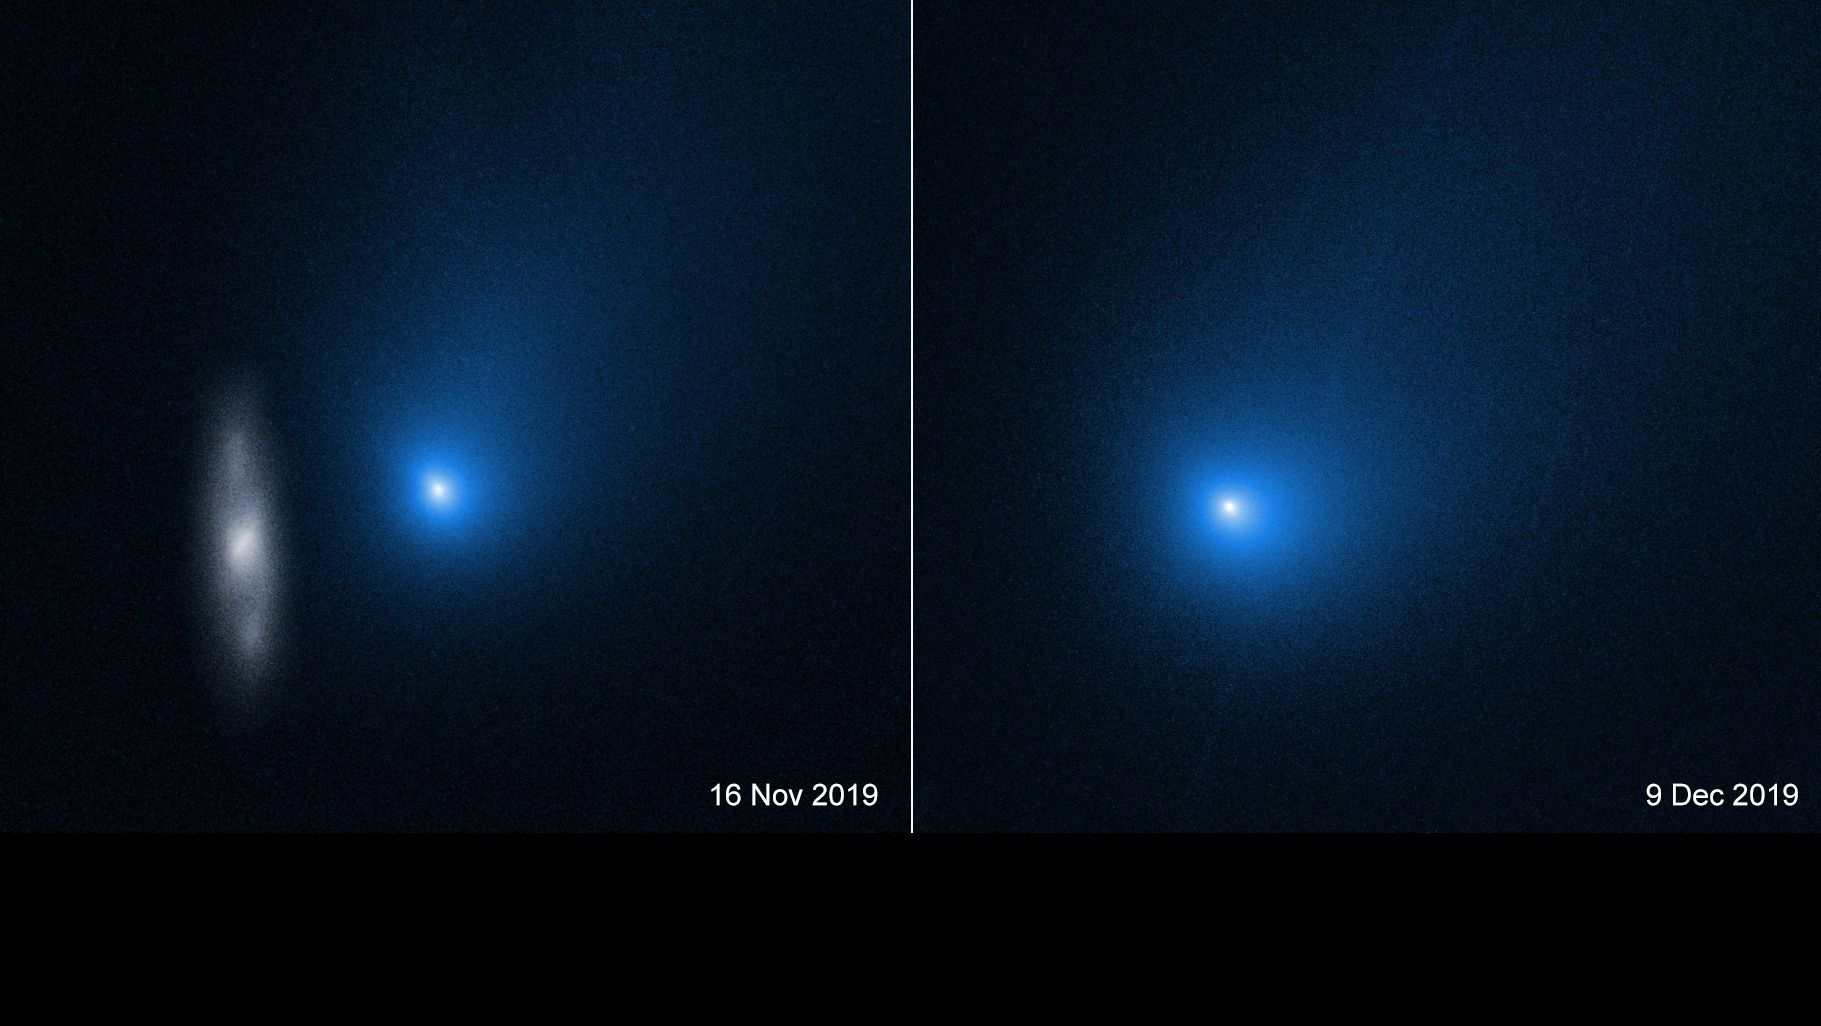 Aufnahmen von Komet 2I/Borisov am 16. November und 9. Dezember 2019